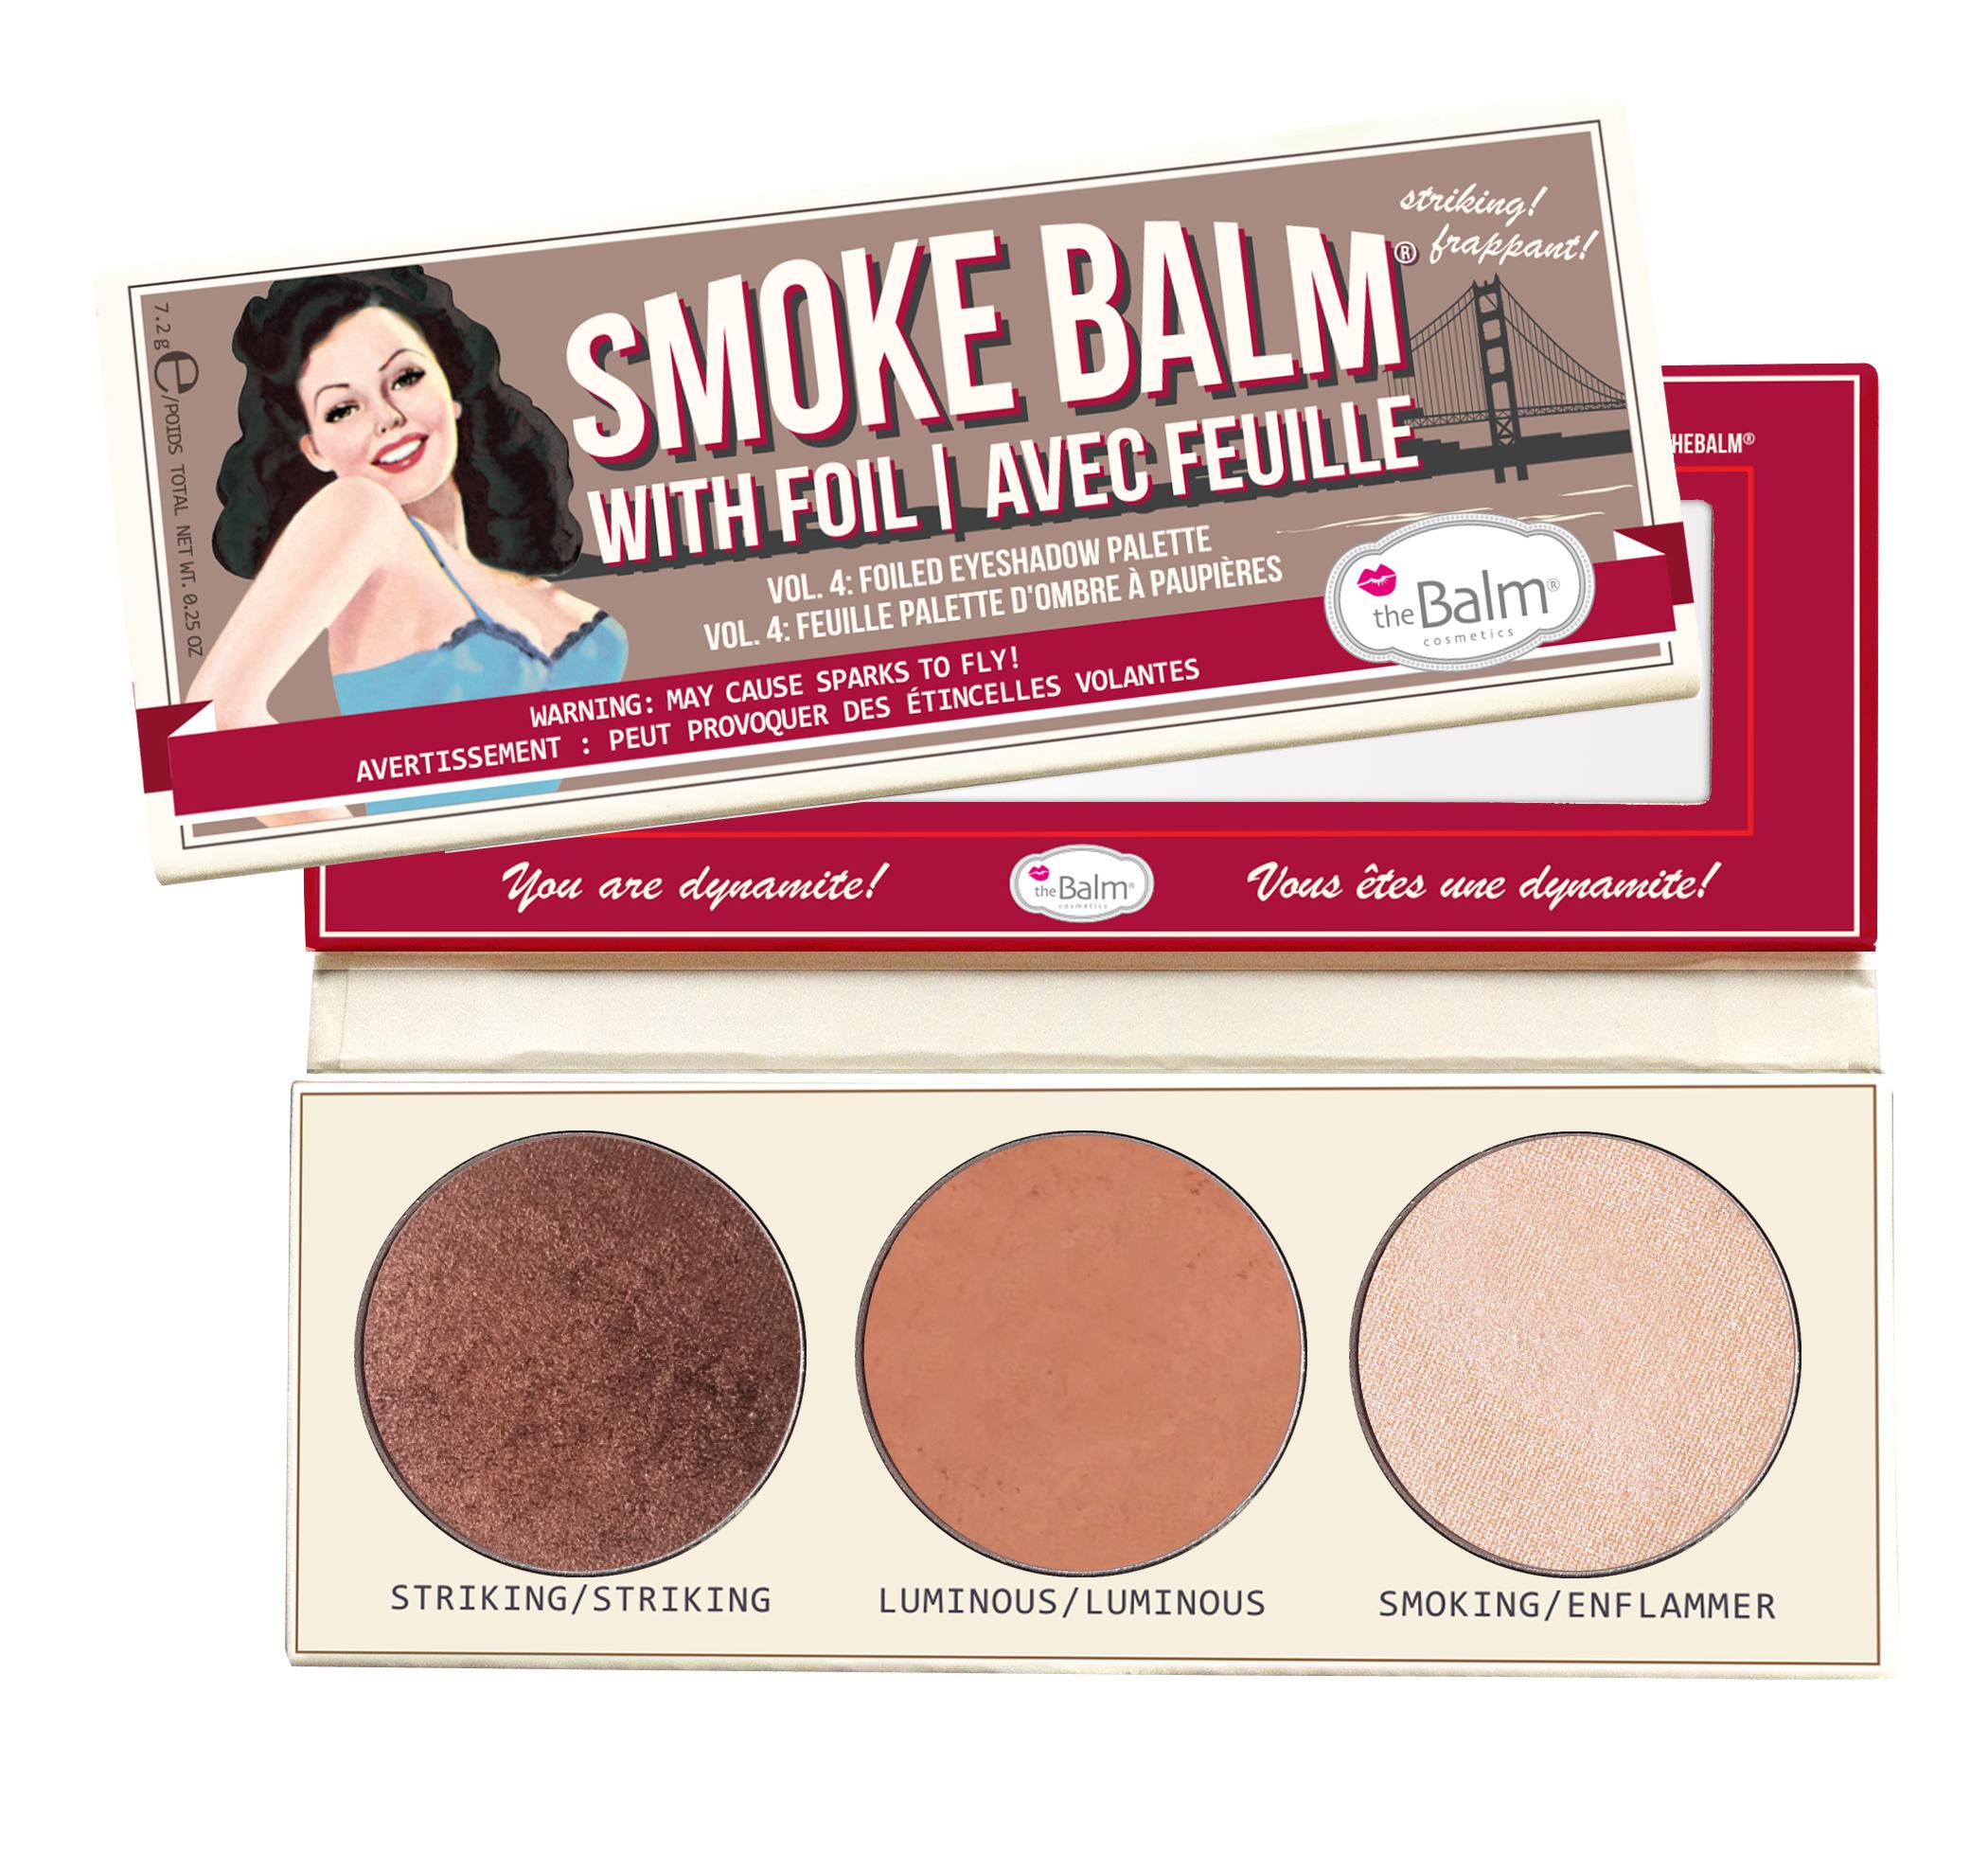 Smoke Balm Vol. 4 Eyeshadow Smoke Balm Eyeshadow Vol. 4